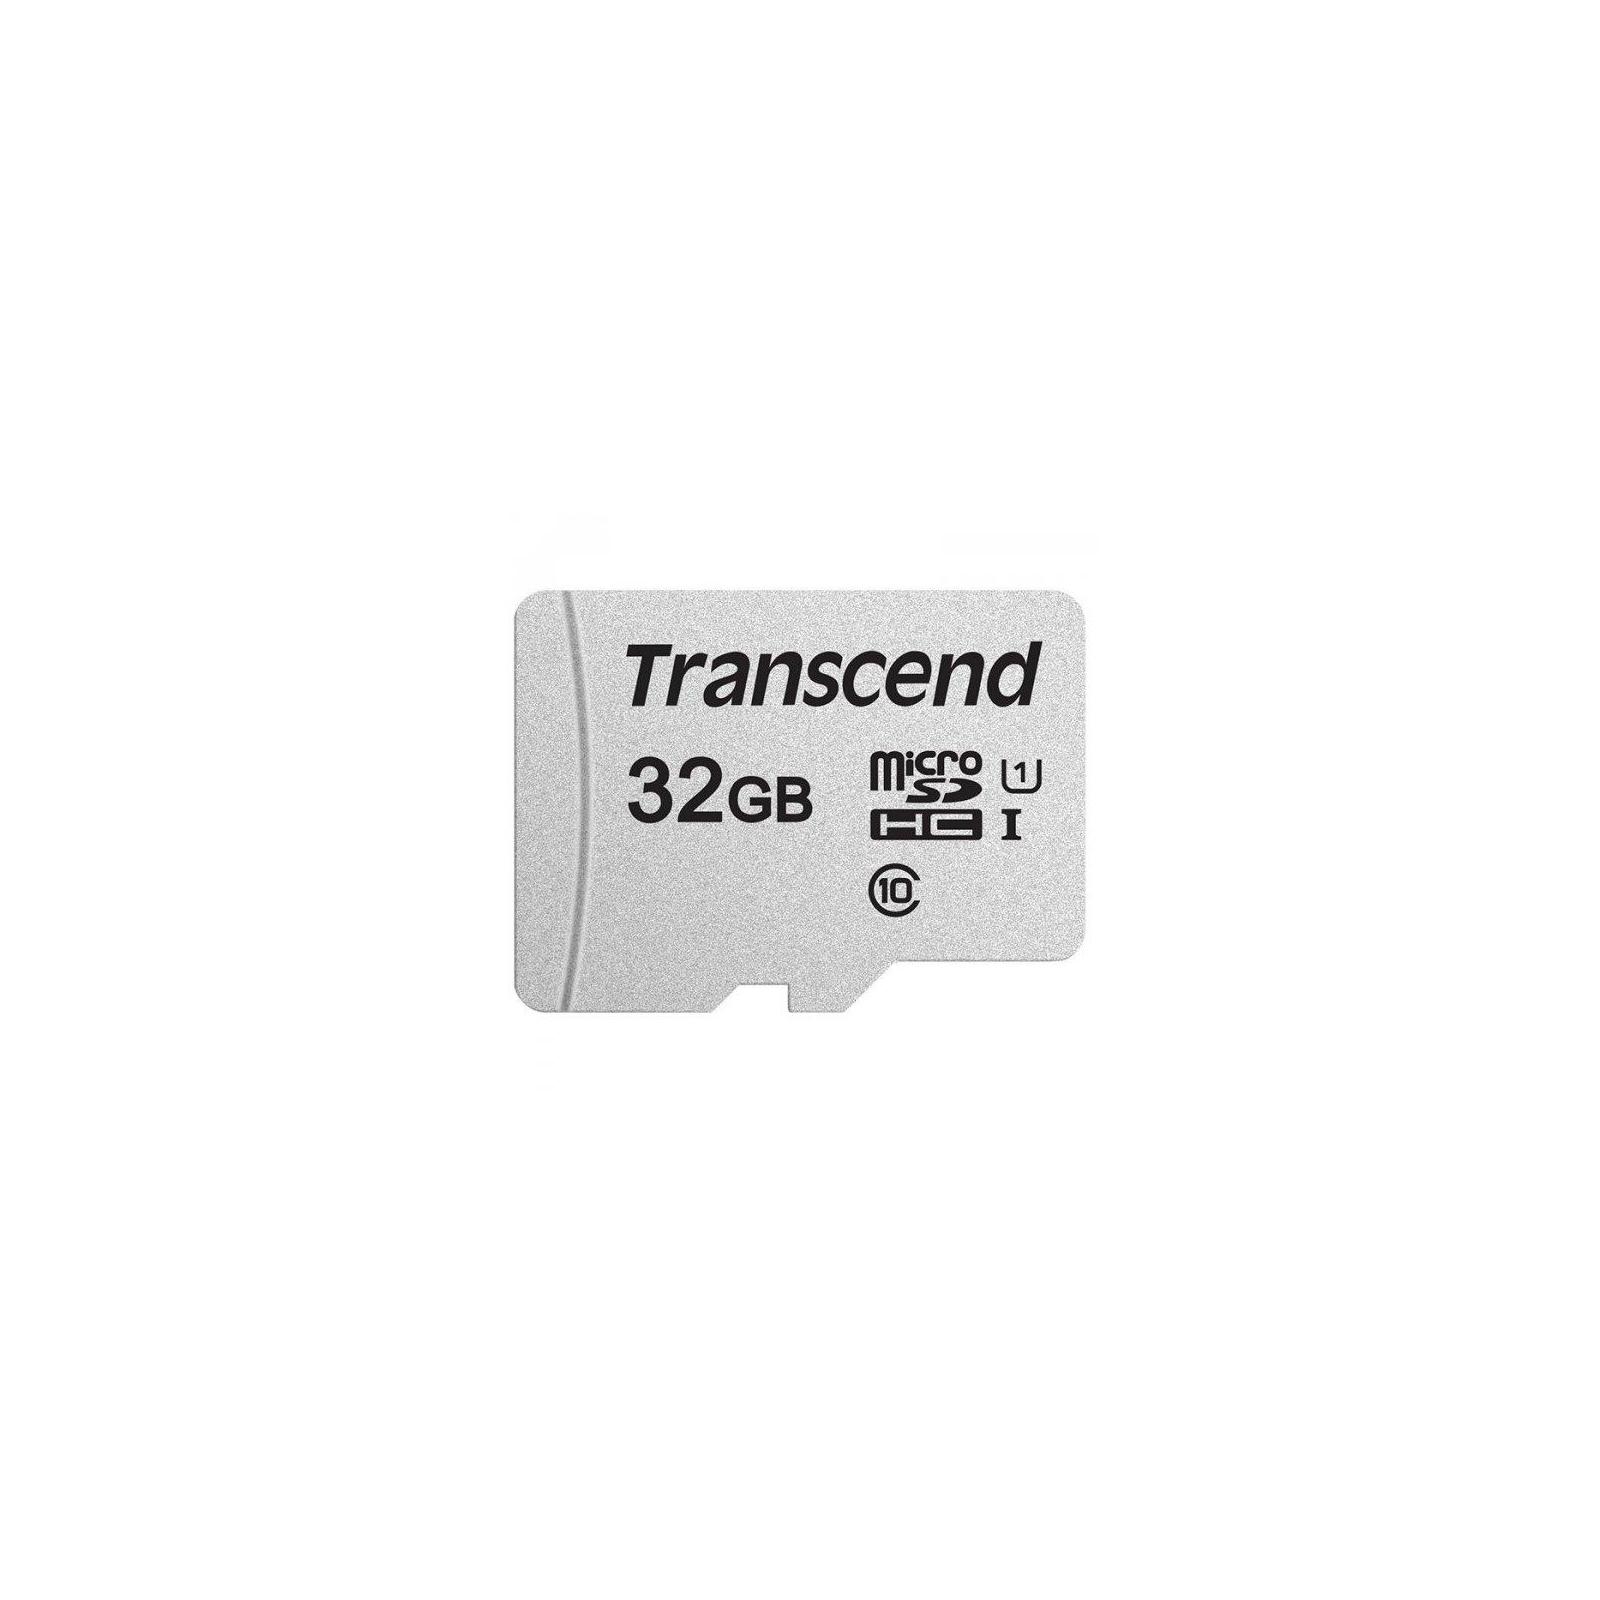 Карта памяти Transcend 32GB microSDHC class 10 UHS-I U1 (TS32GUSD300S-A) изображение 2